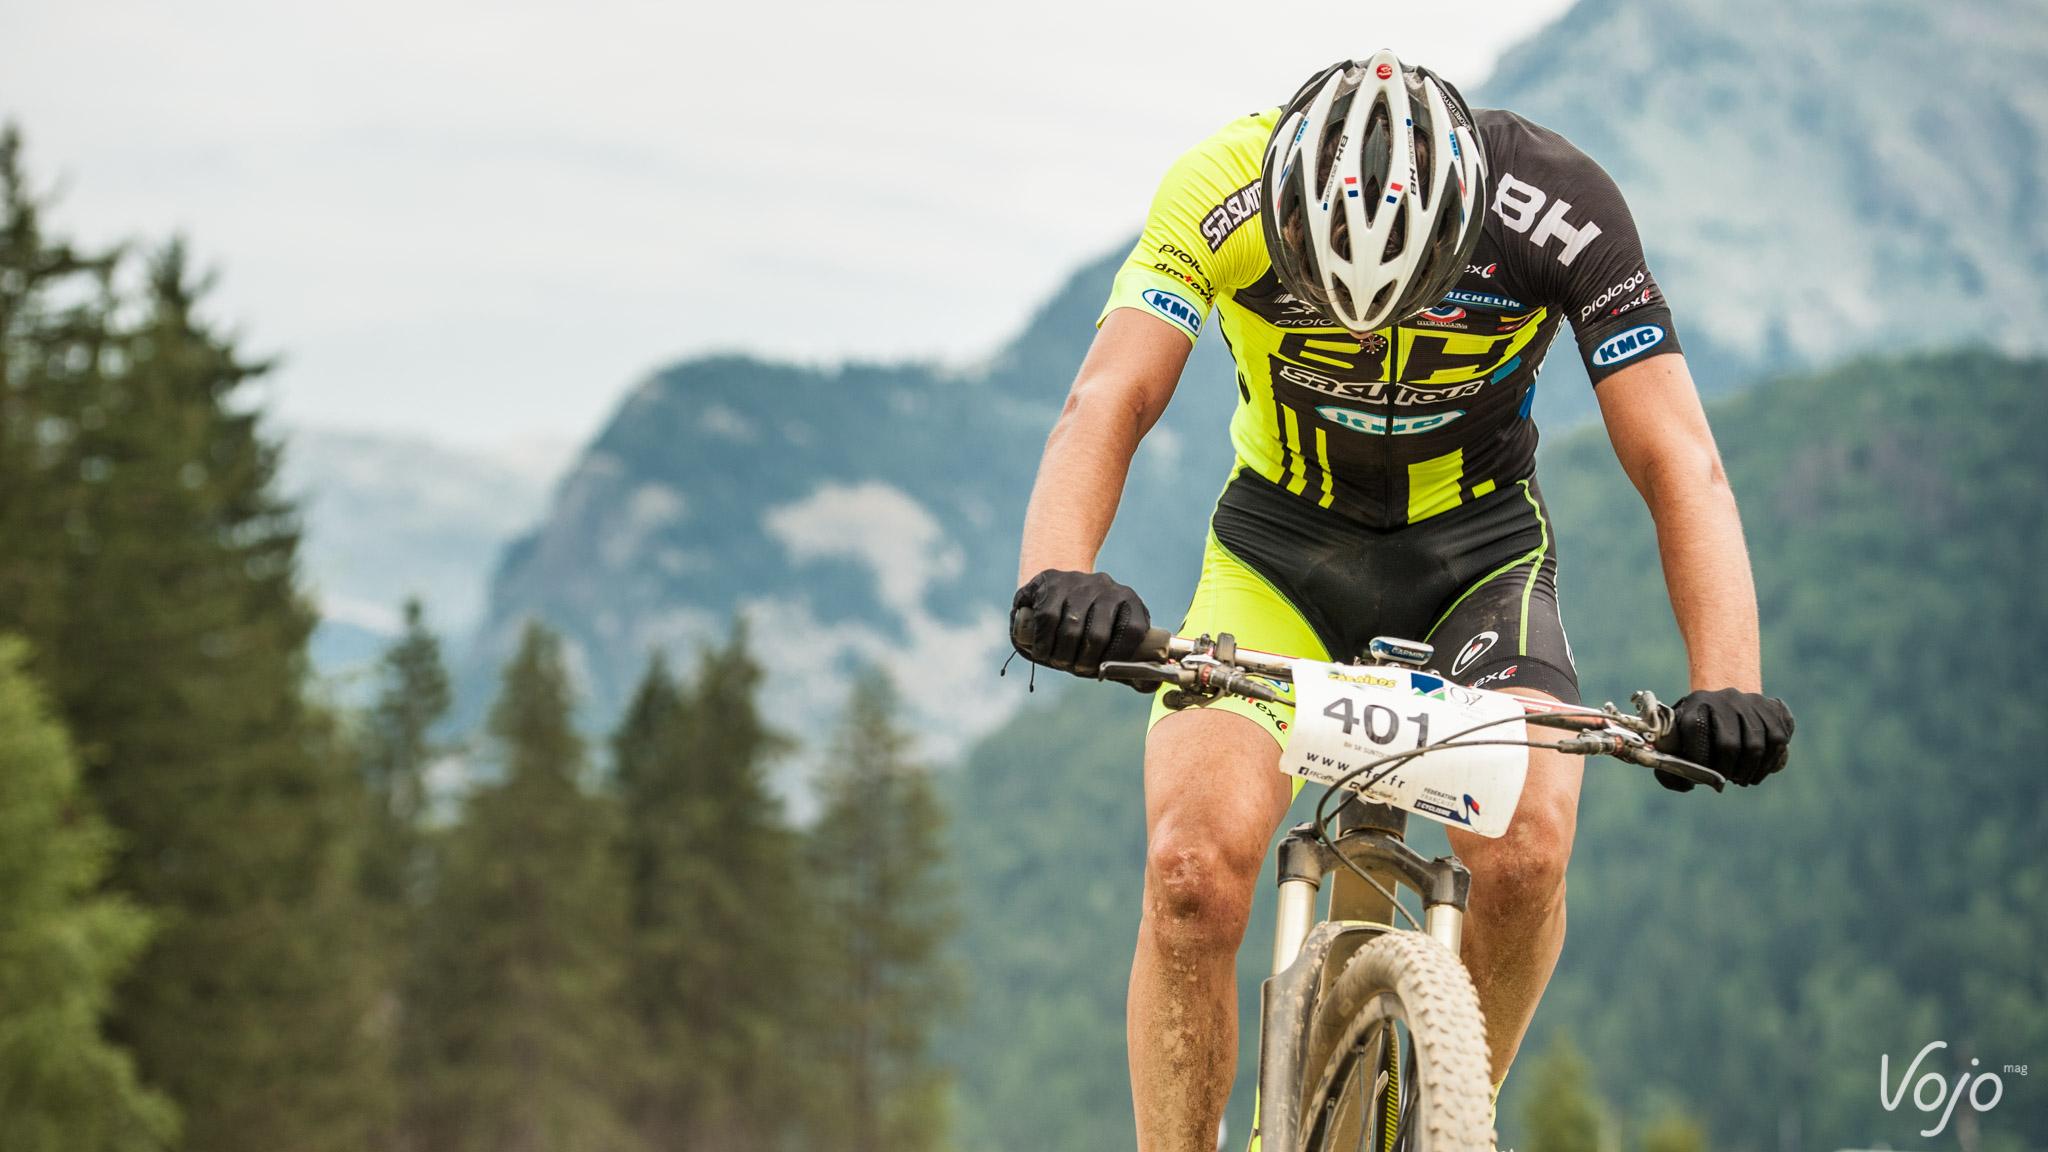 Championnats-de-france-2015-Oz-XC-Espoirs-finale-34